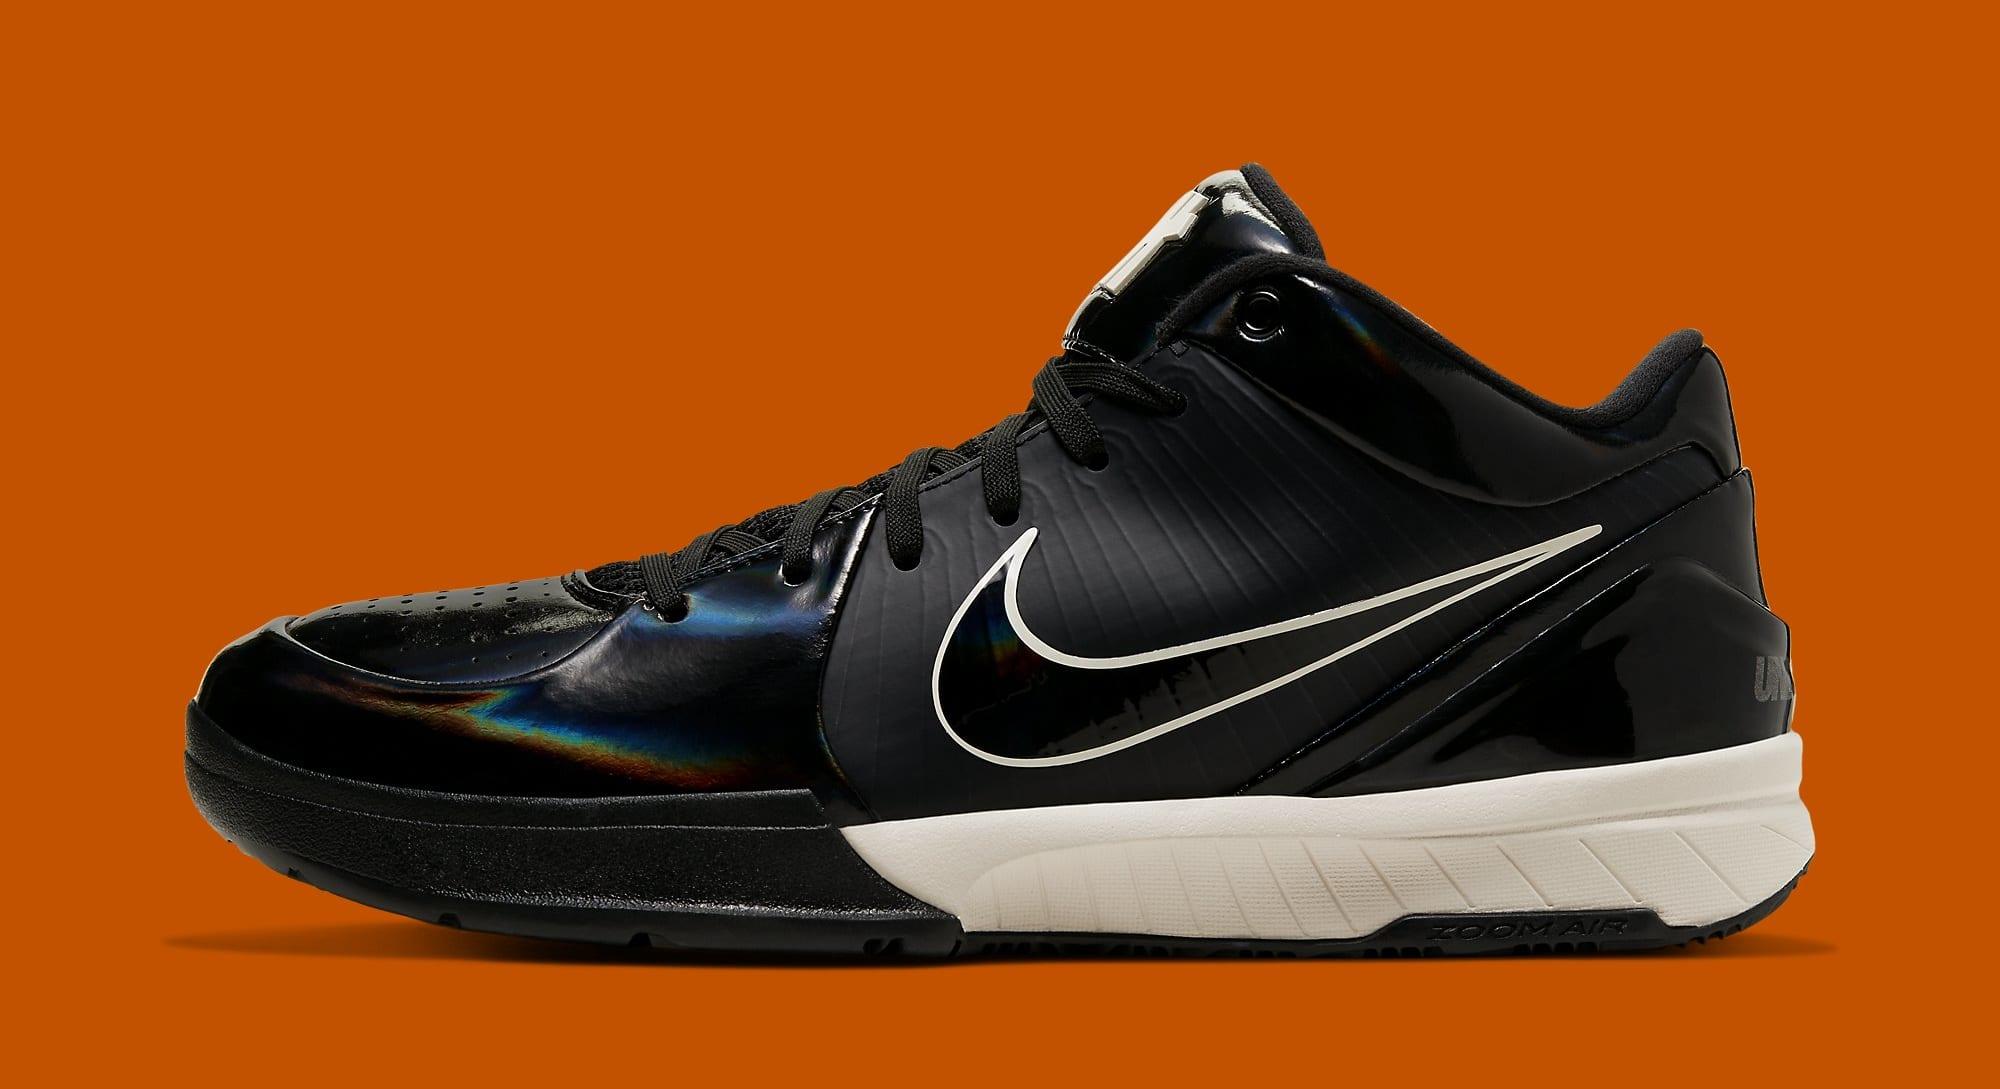 Undefeated x Nike Kobe 4 Protro 'Black Mamba' CQ3869-001 (Lateral)